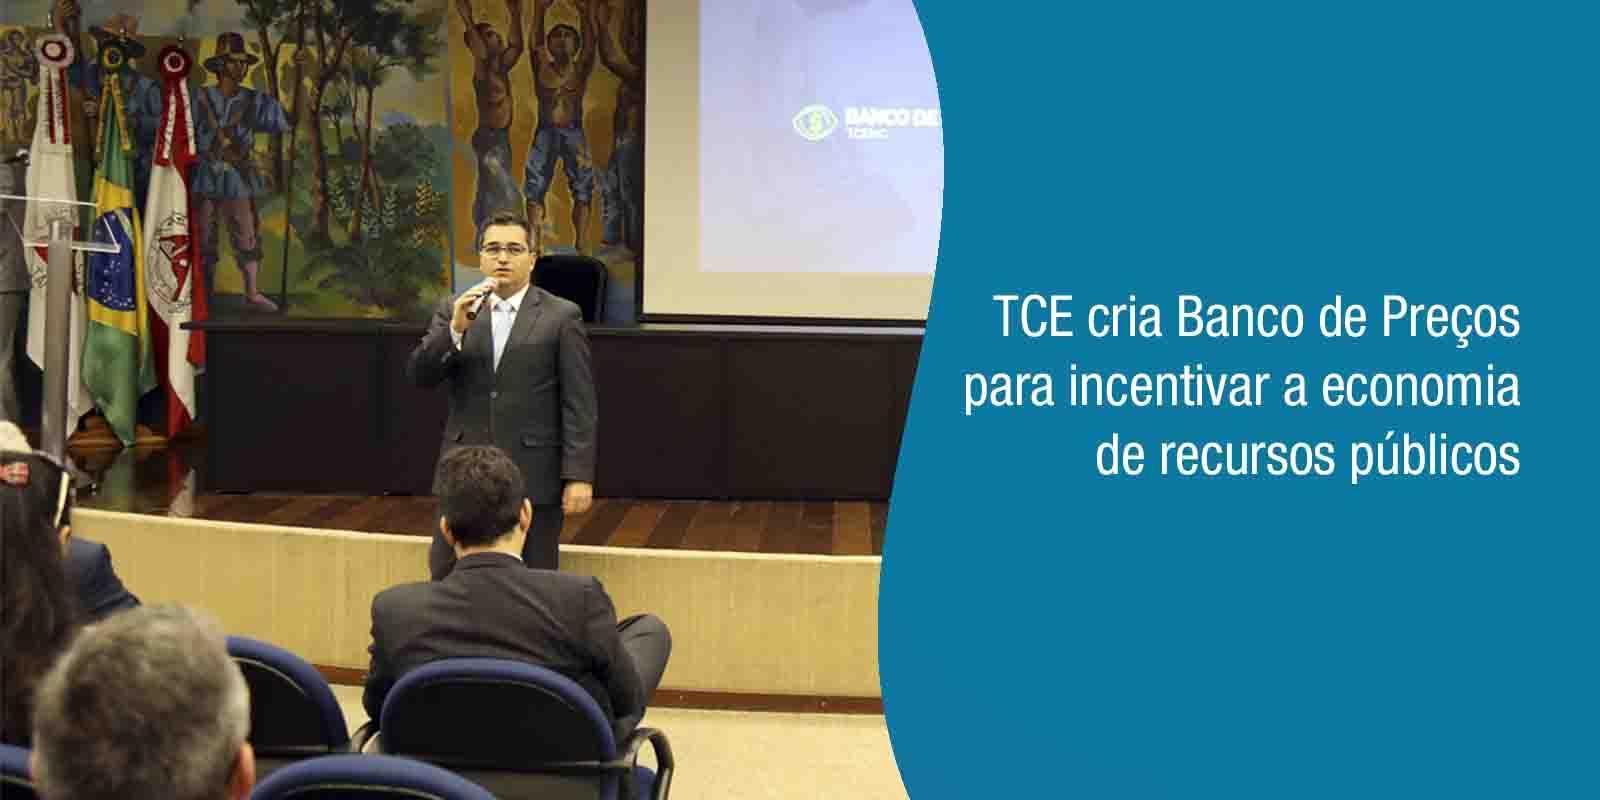 TCE cria Banco de Preços para incentivar a economia de recursos públicos